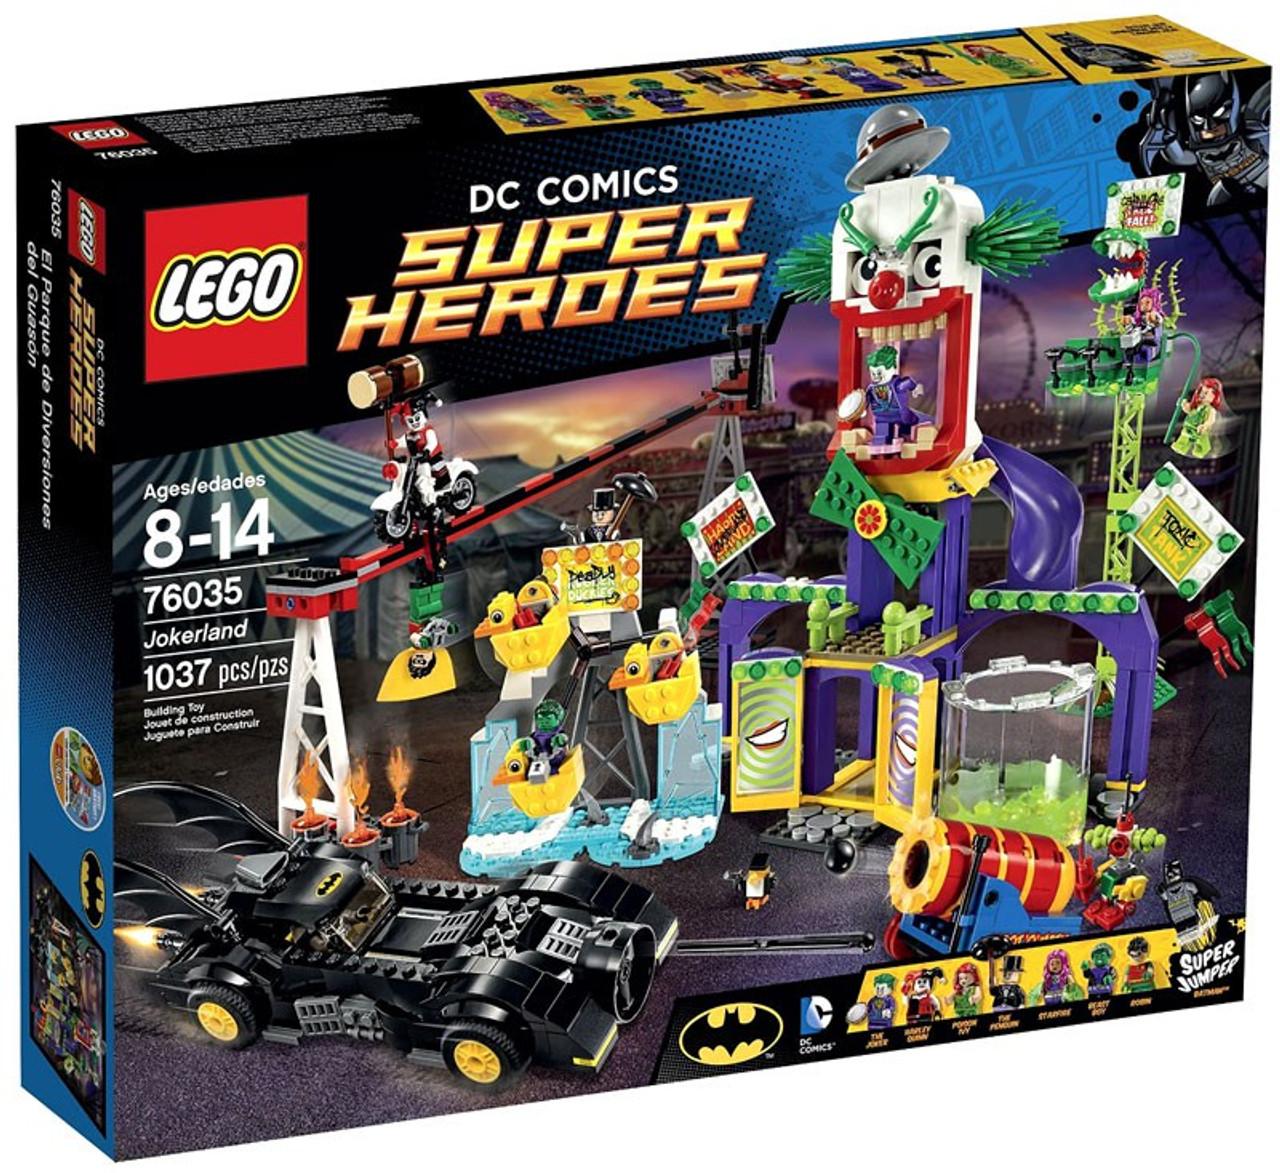 Lego Dc Super Heroes Jokerland Set 76035 Toywiz